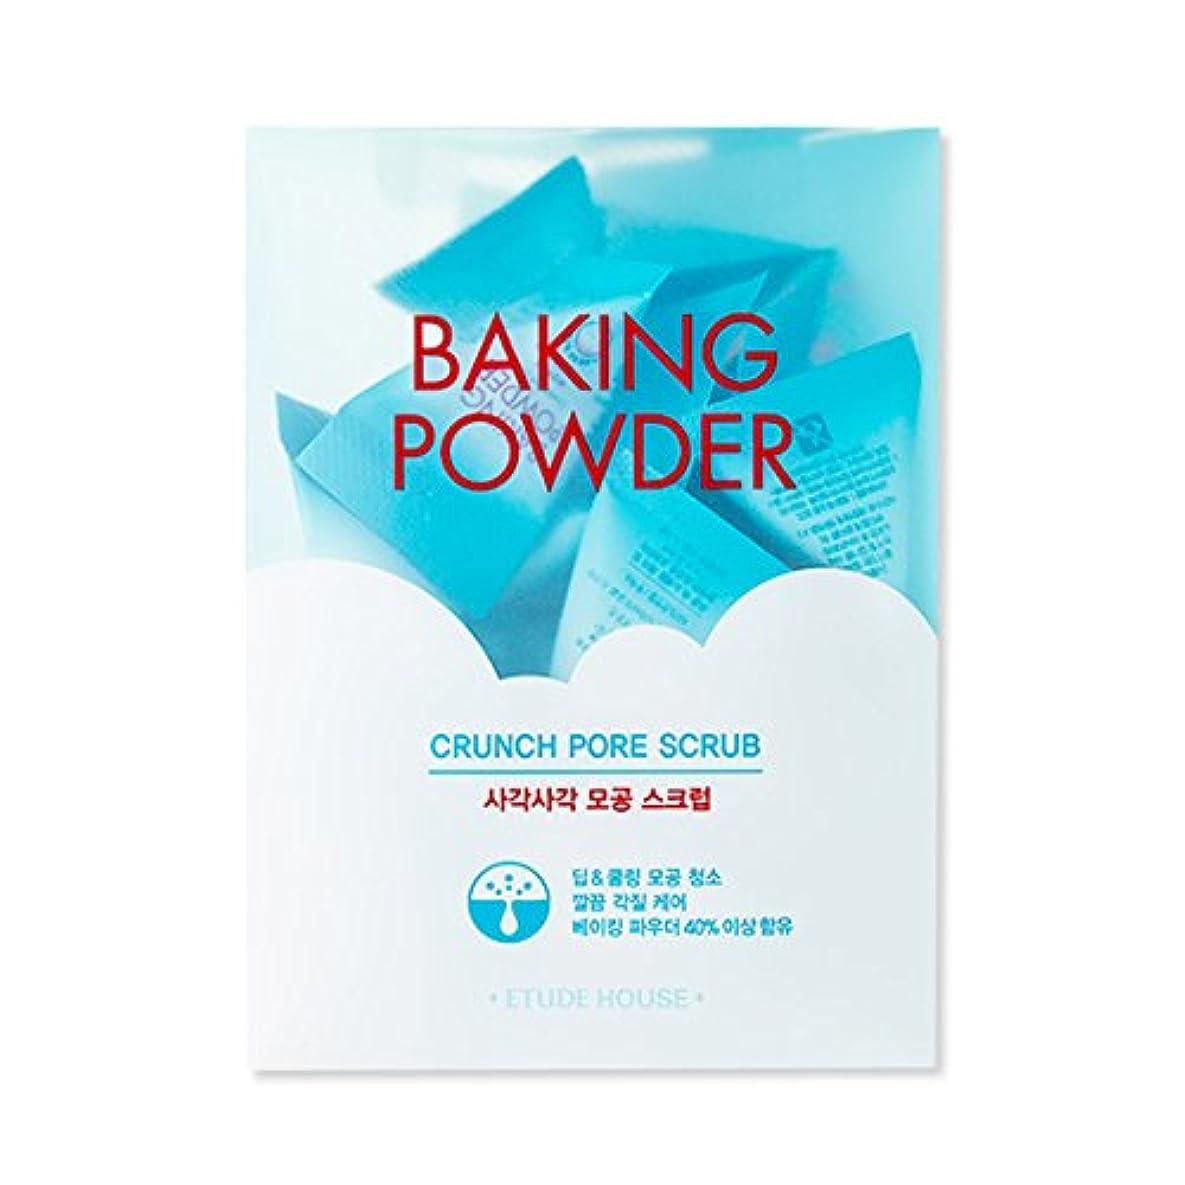 平手打ちパンフレット副[2016 Upgrade!] ETUDE HOUSE Baking Powder Crunch Pore Scrub 7g×24ea/エチュードハウス ベーキング パウダー クランチ ポア スクラブ 7g×24ea [...